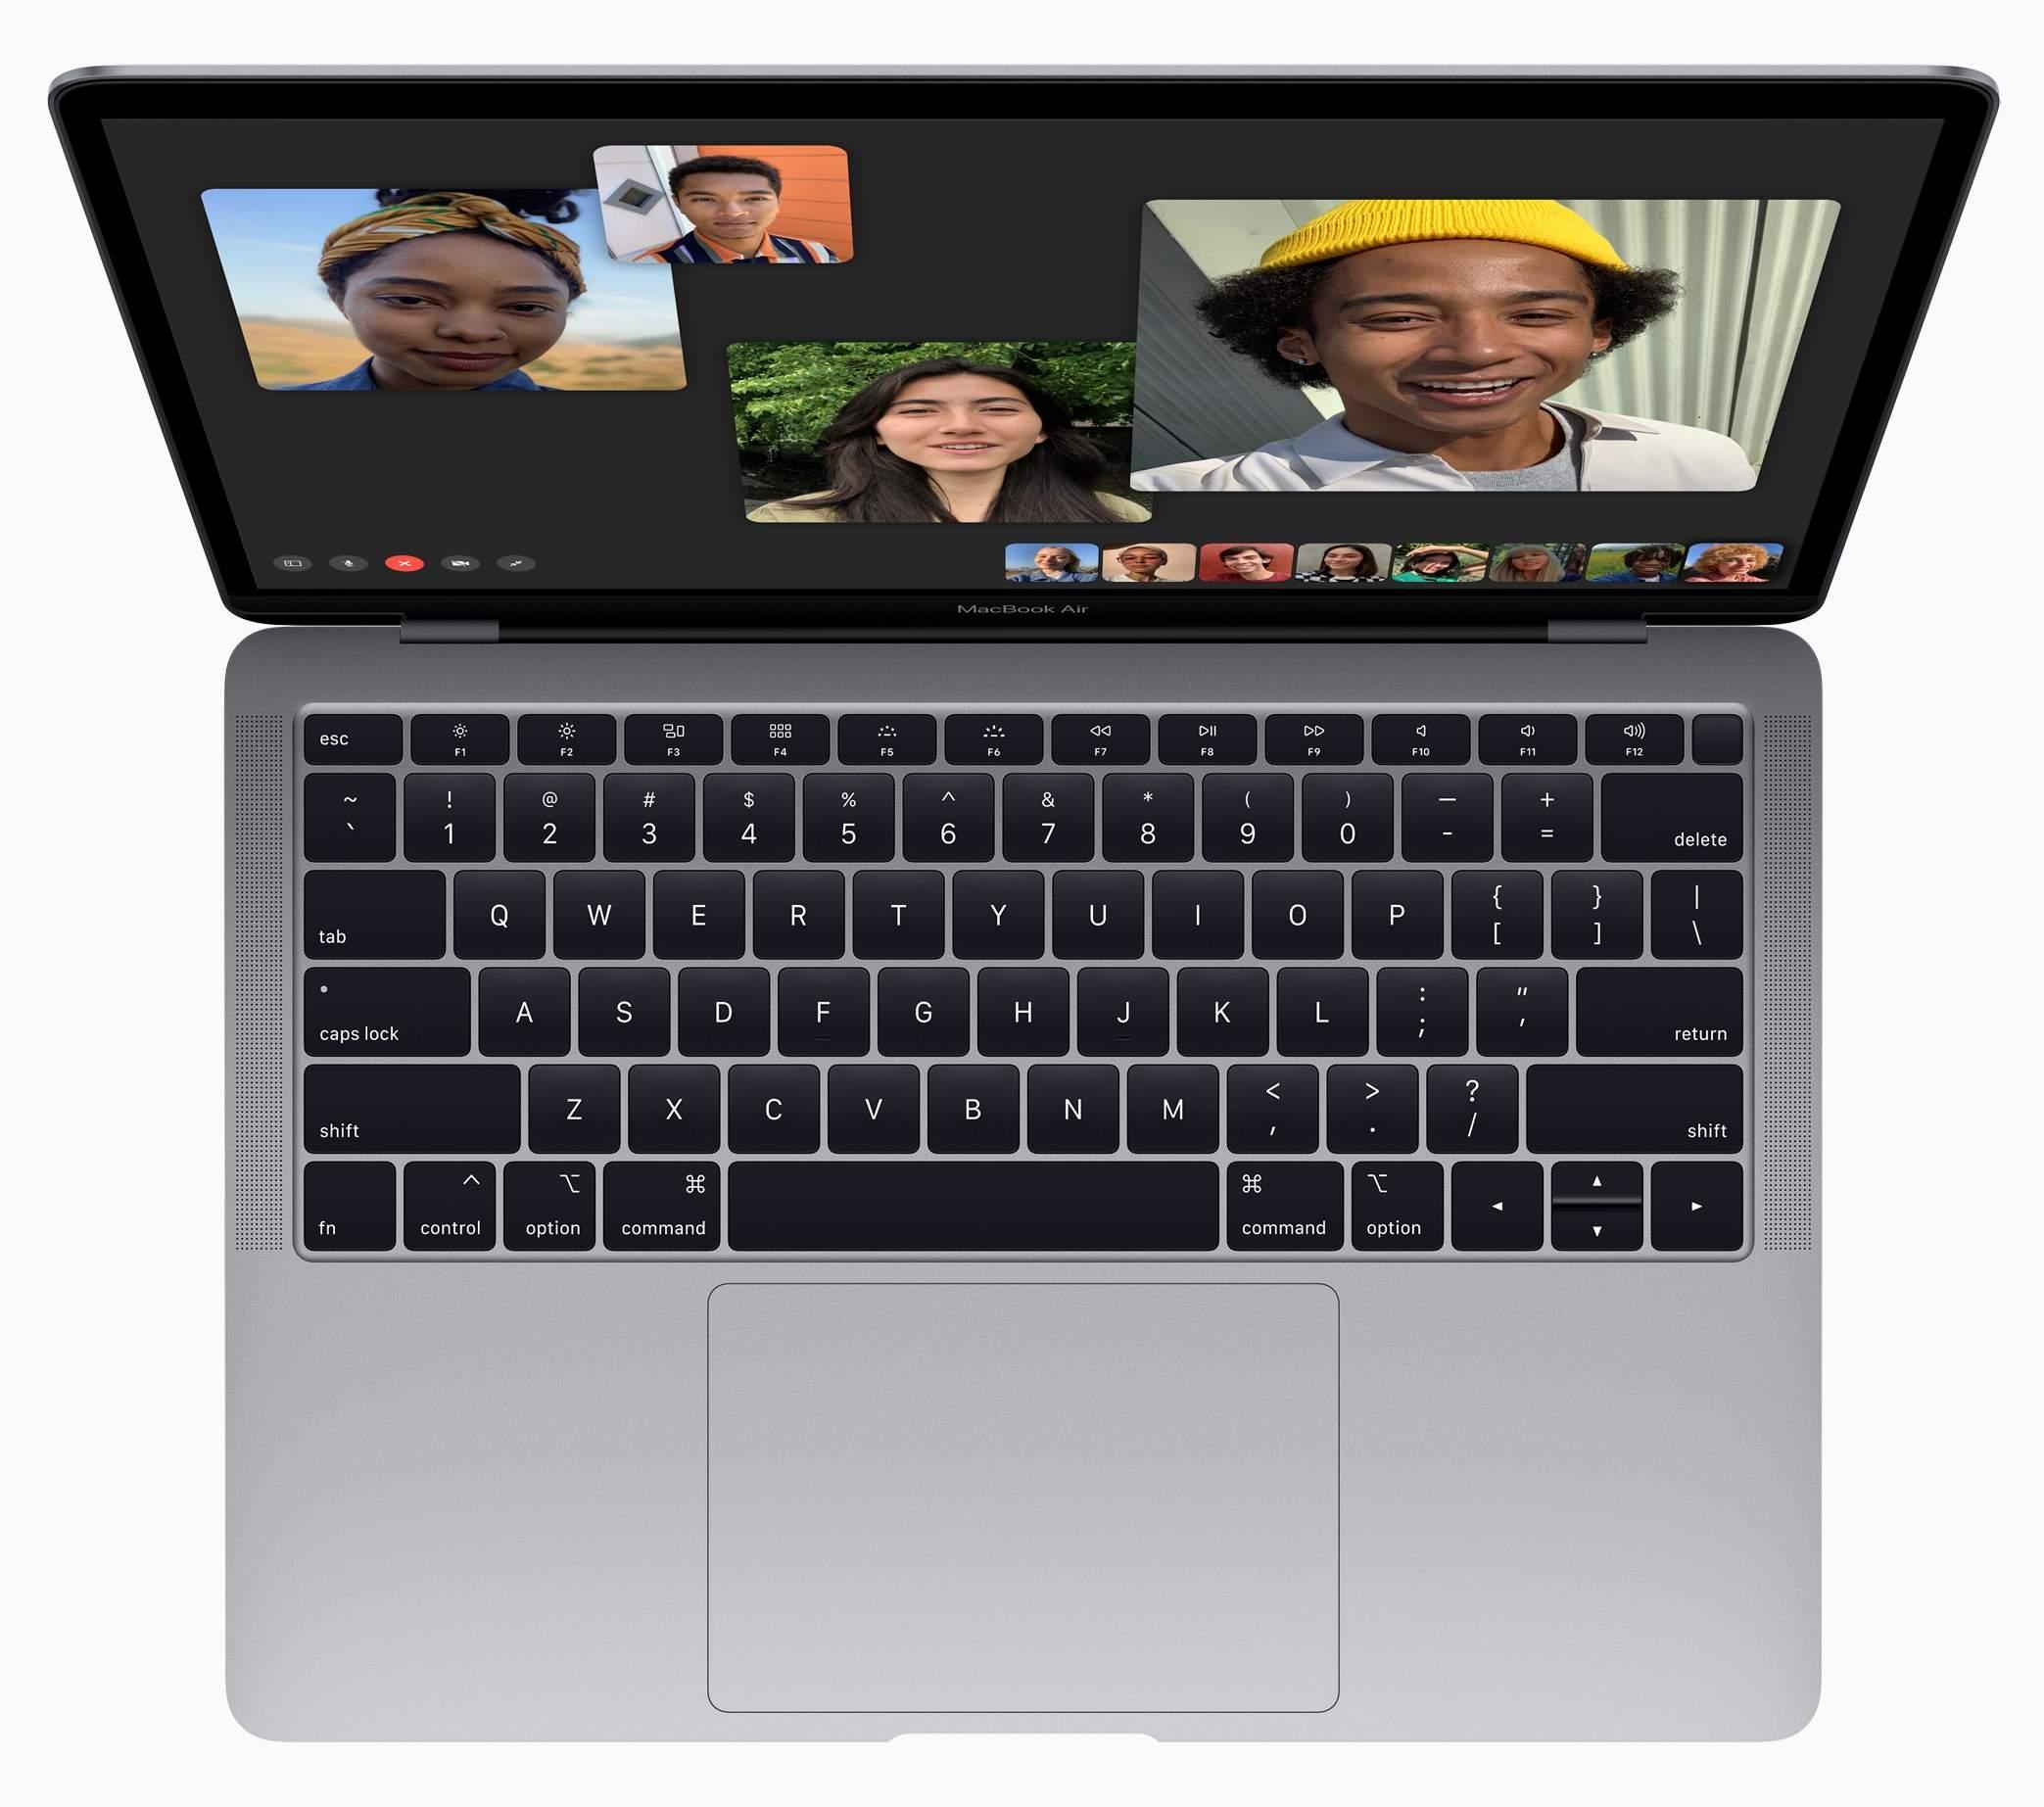 MacBook Air speakers